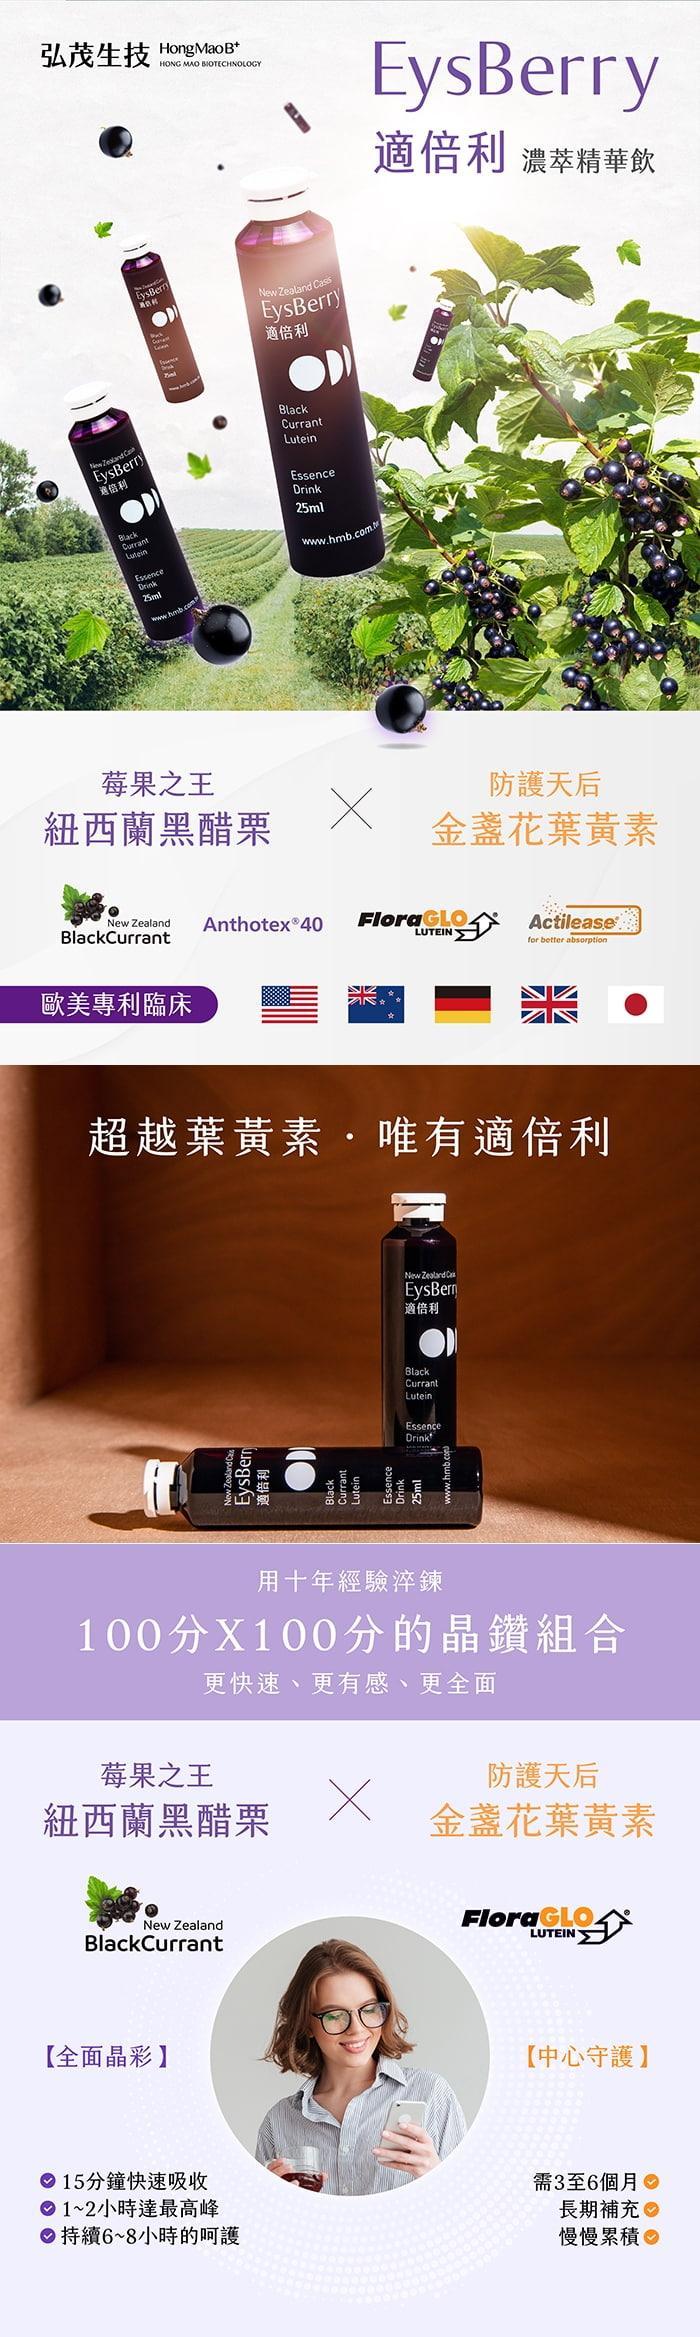 弘茂生技-適倍利黑醋栗葉黃素精華飲 Eysberry(6瓶X2盒)產品資訊